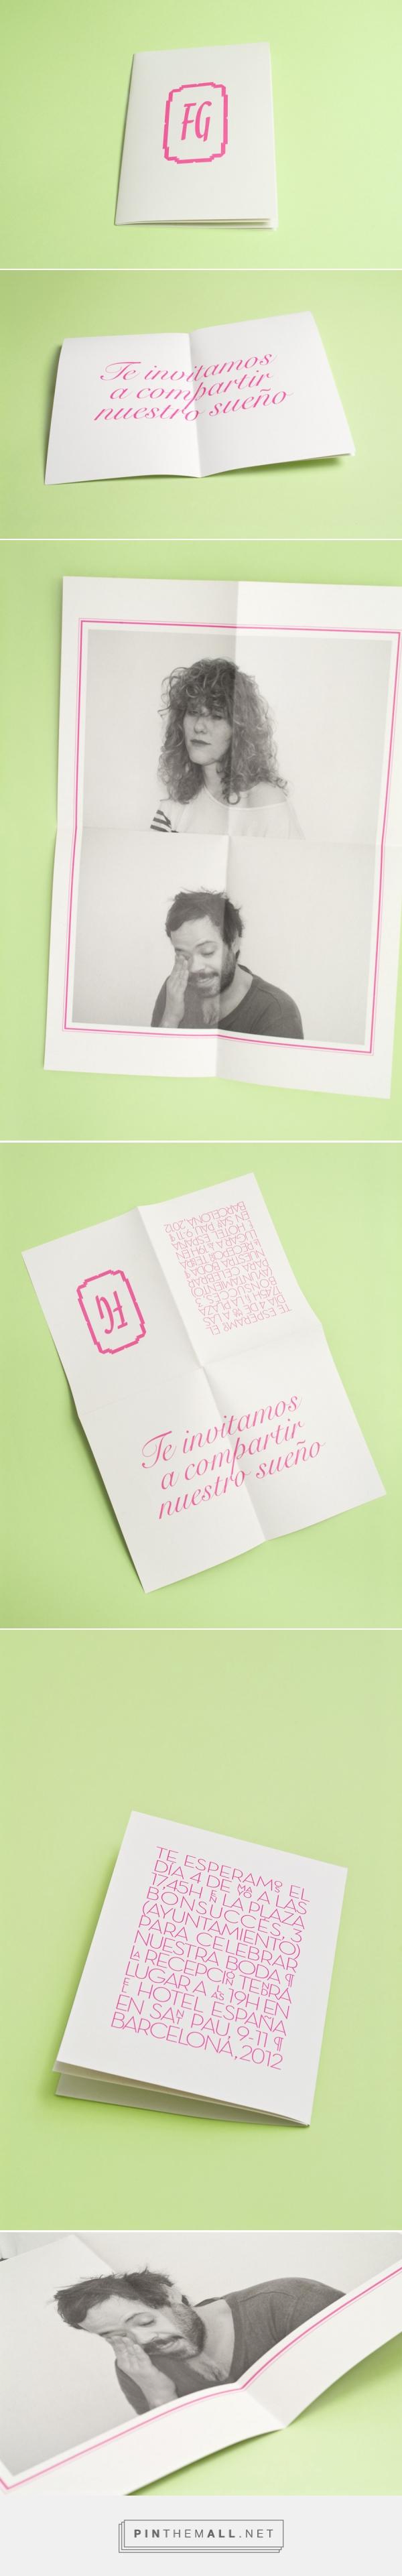 Francisca y Giacomo by oriolgayan.com #identity #copy #weddinginvitation #fluor #photography